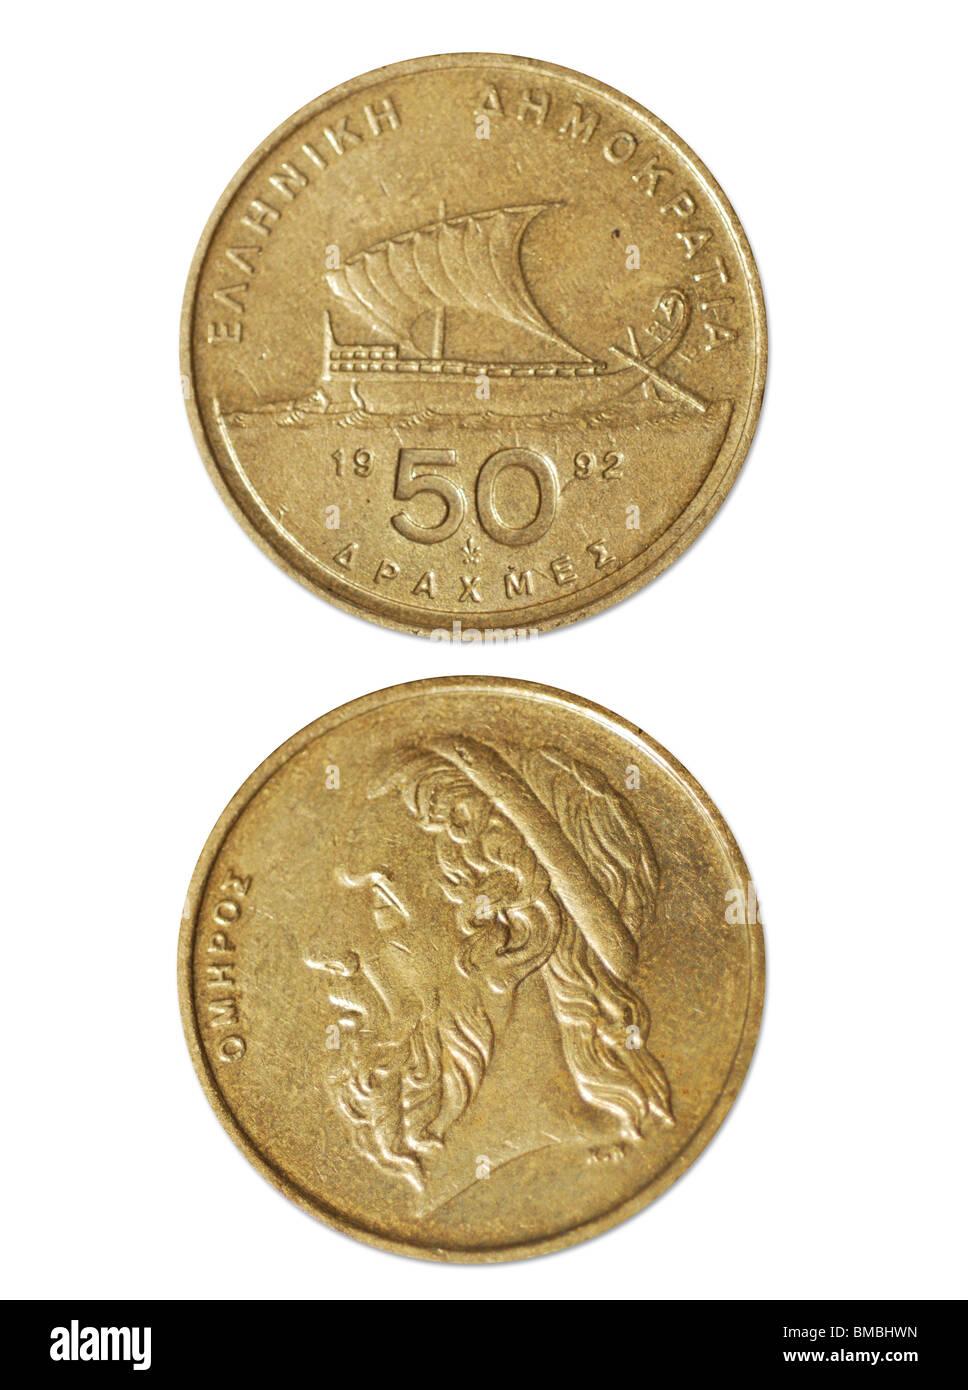 50 Drachmen alten Griechenland Geld Stockfoto